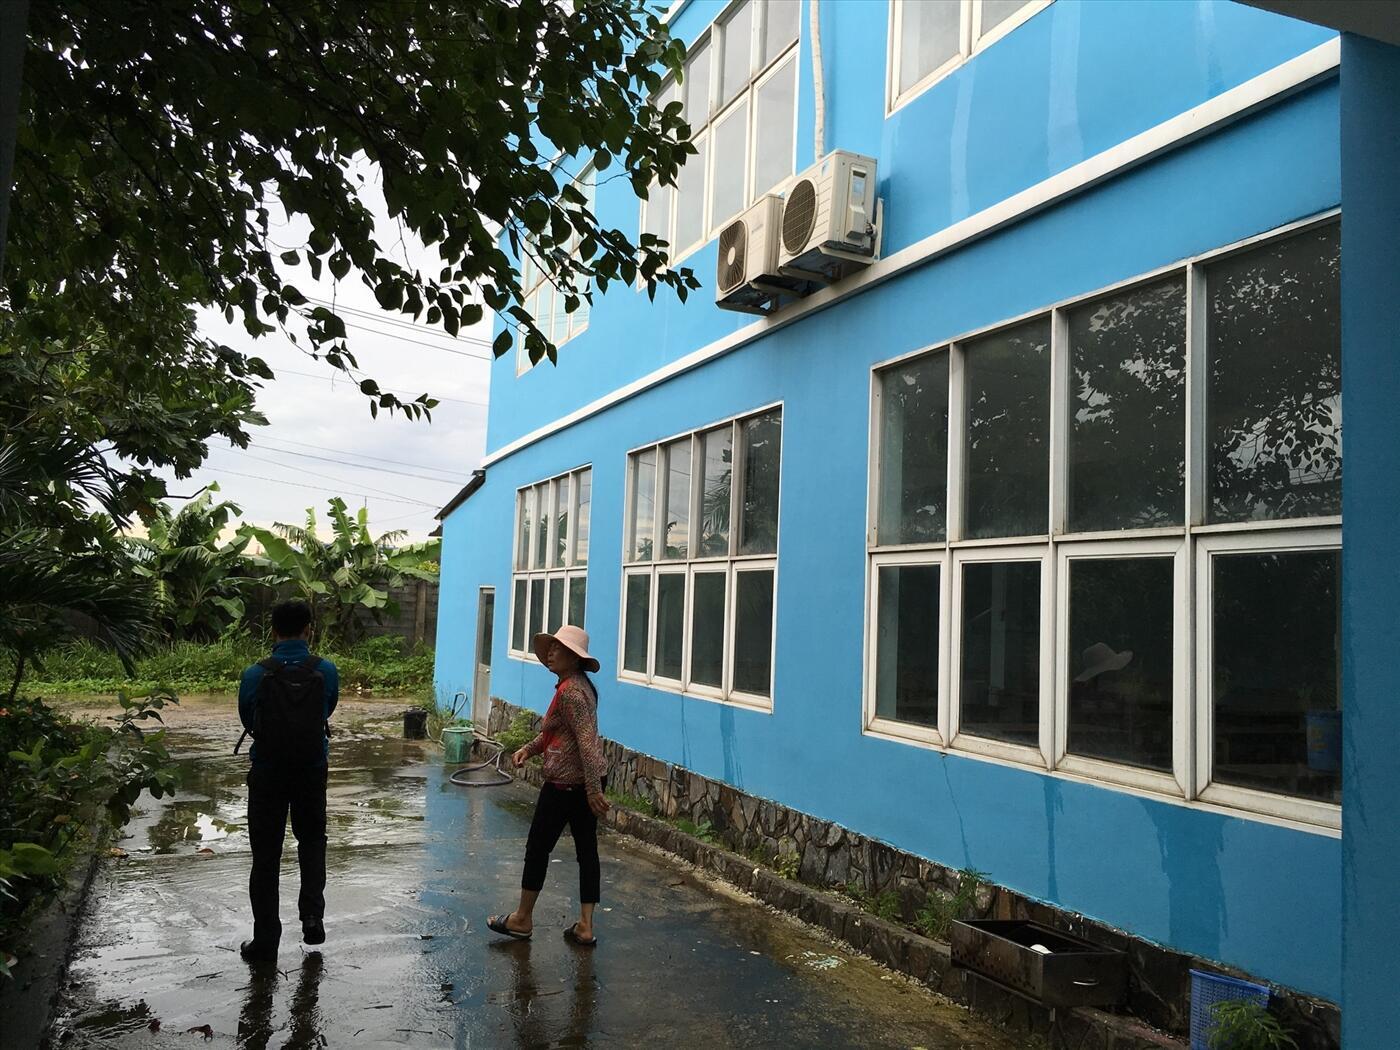 Bán Gấp 13.900m2 Kho Nhà Xưởng Gần Tân Cảng Long Bình Thành Phố Biên Hòa Đồng Nai